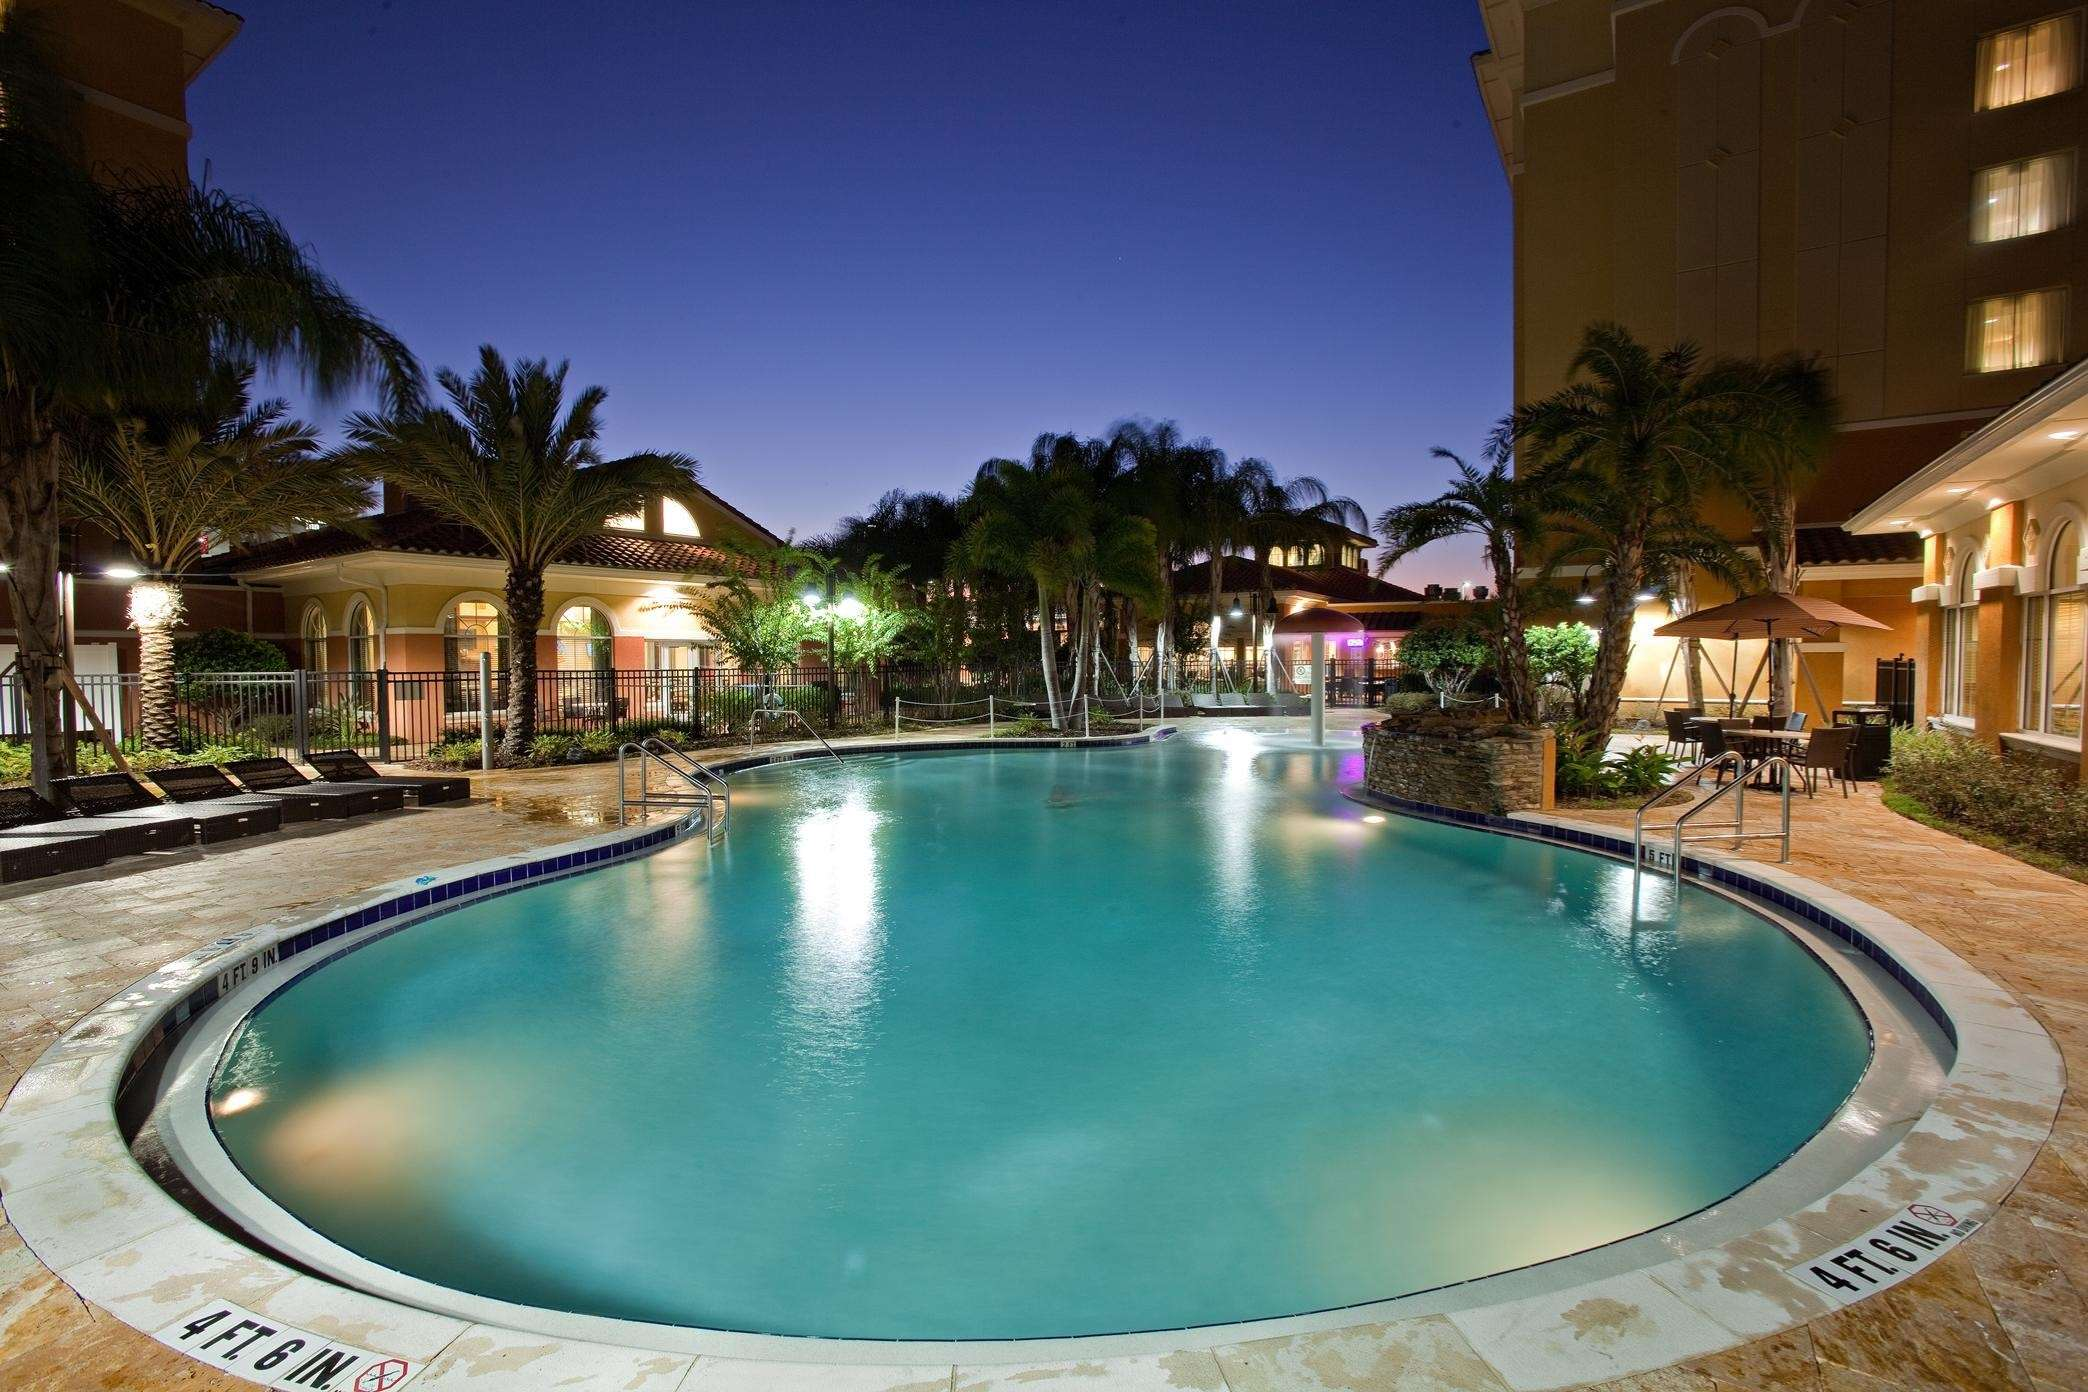 Homewood Suites by Hilton Lake Buena Vista - Orlando 11428 Marbella ...